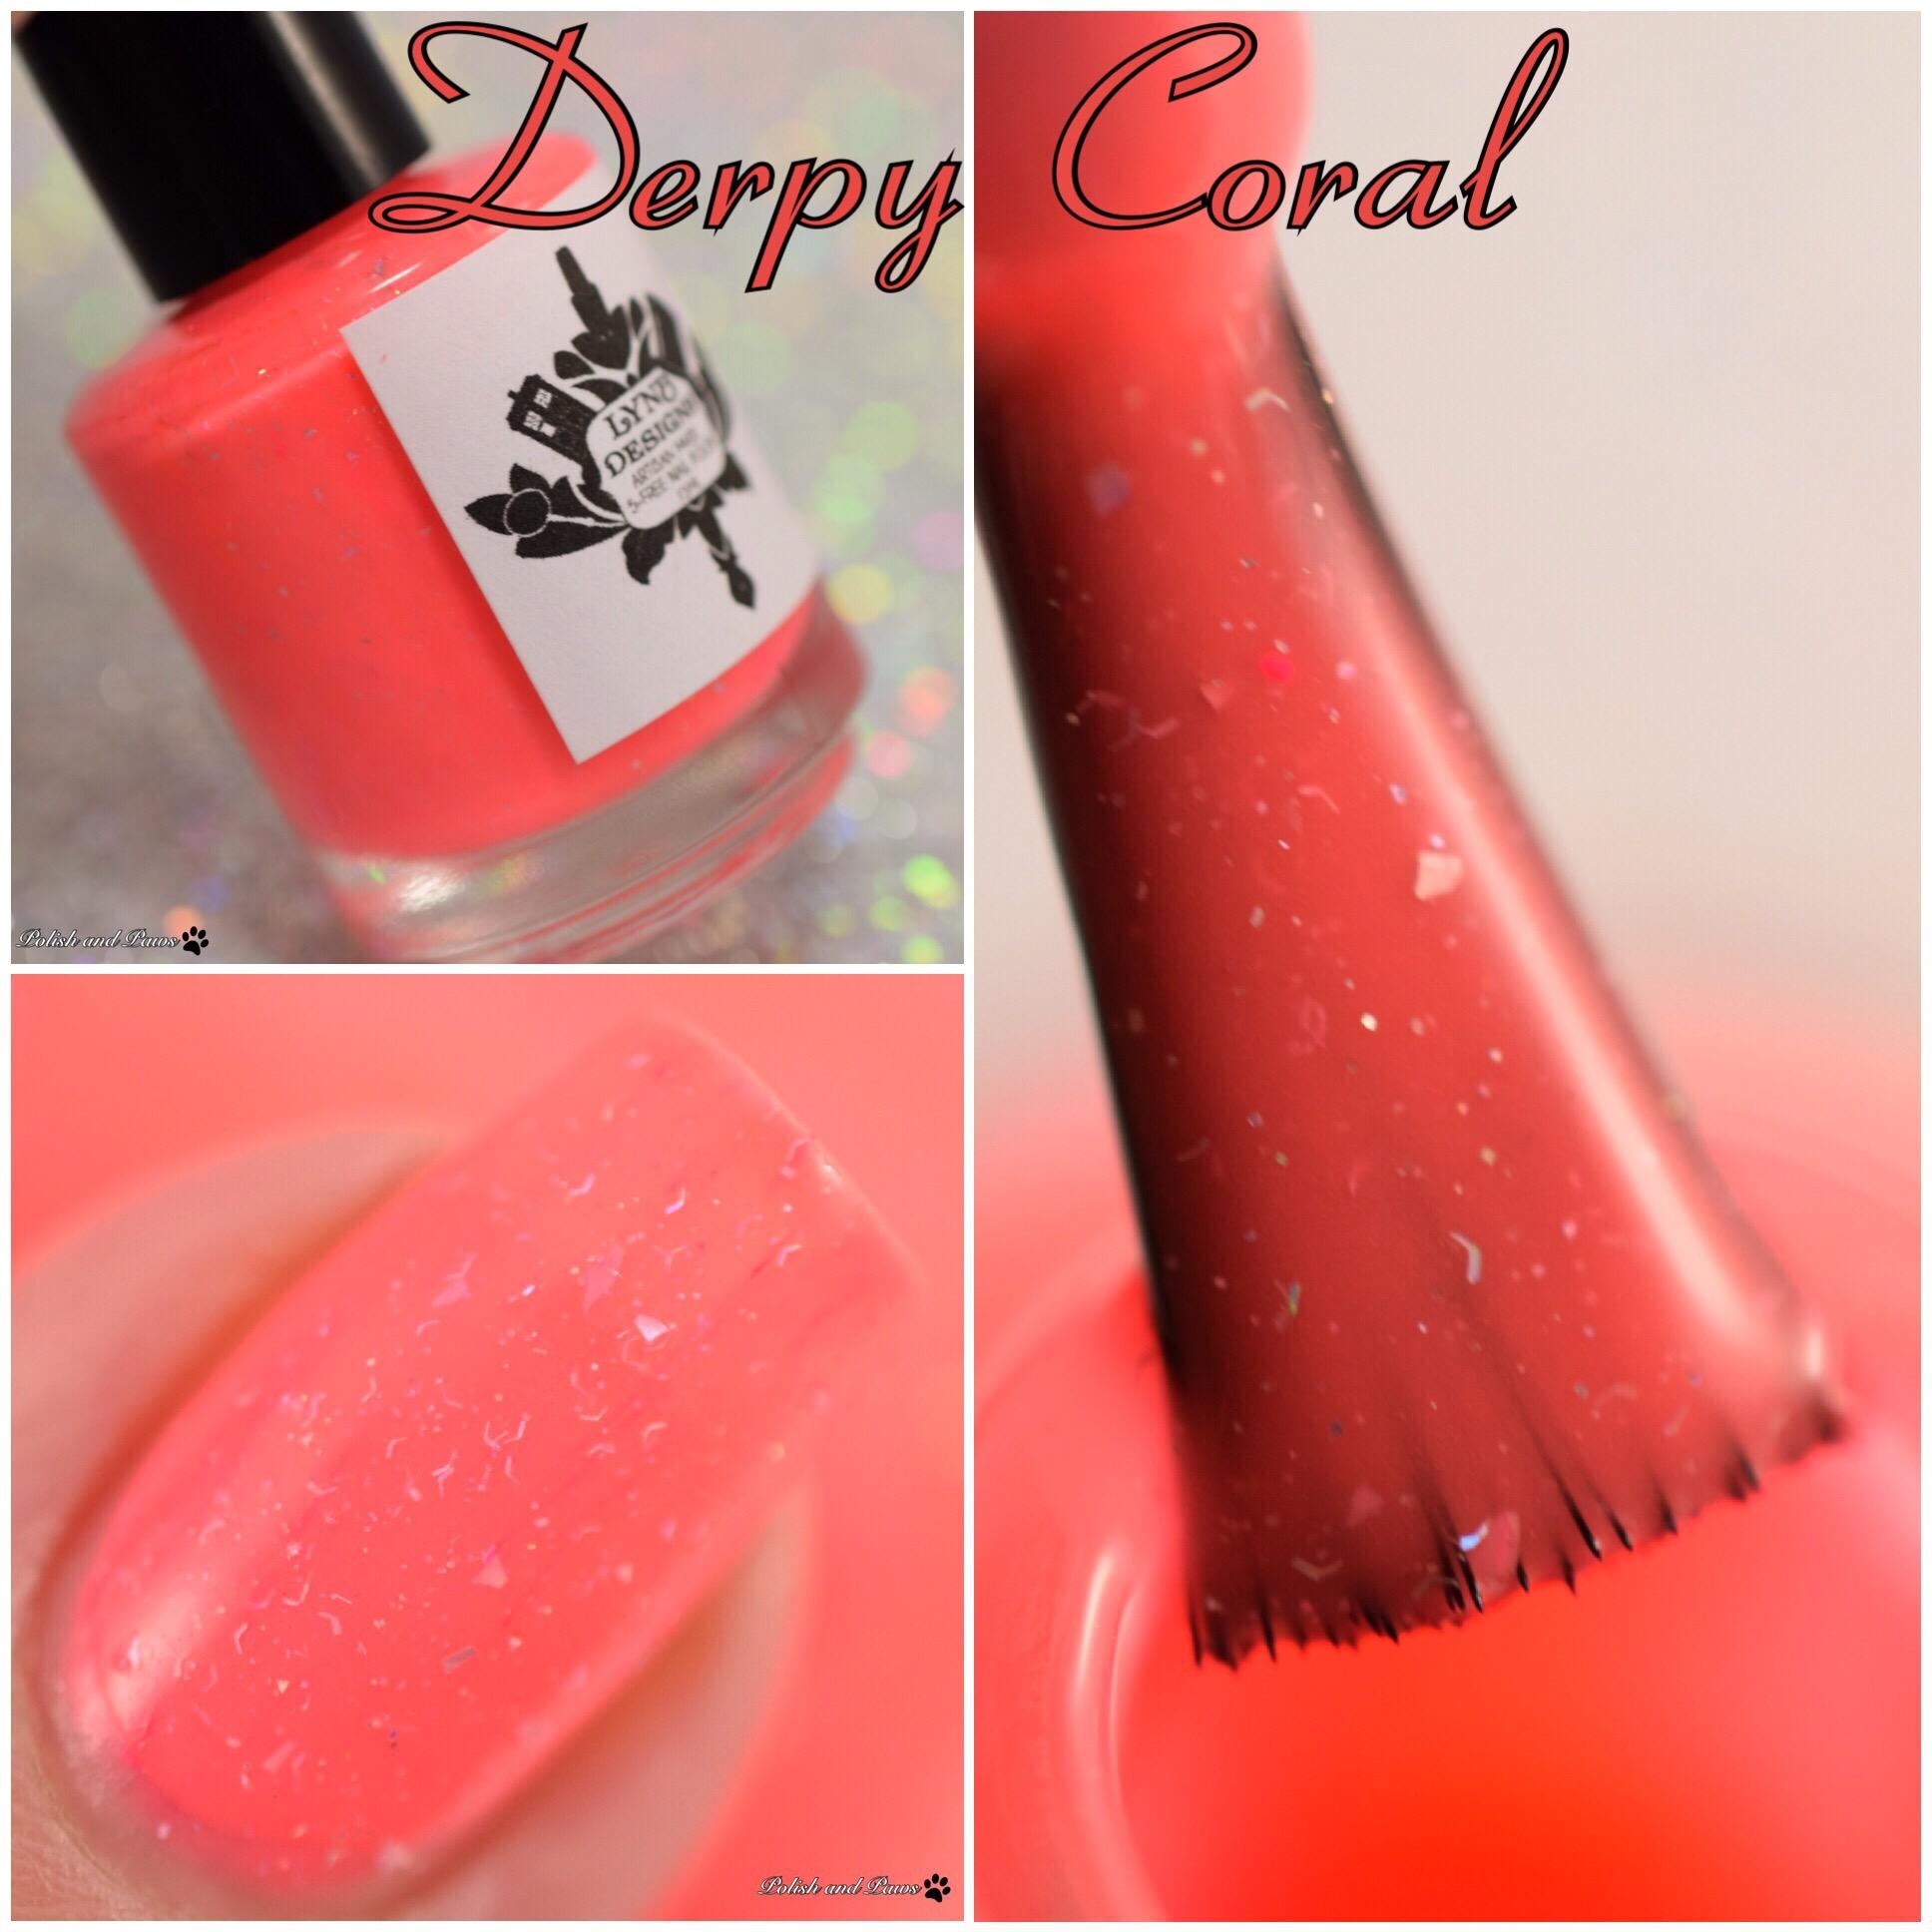 LynB Designs Derpy Coral